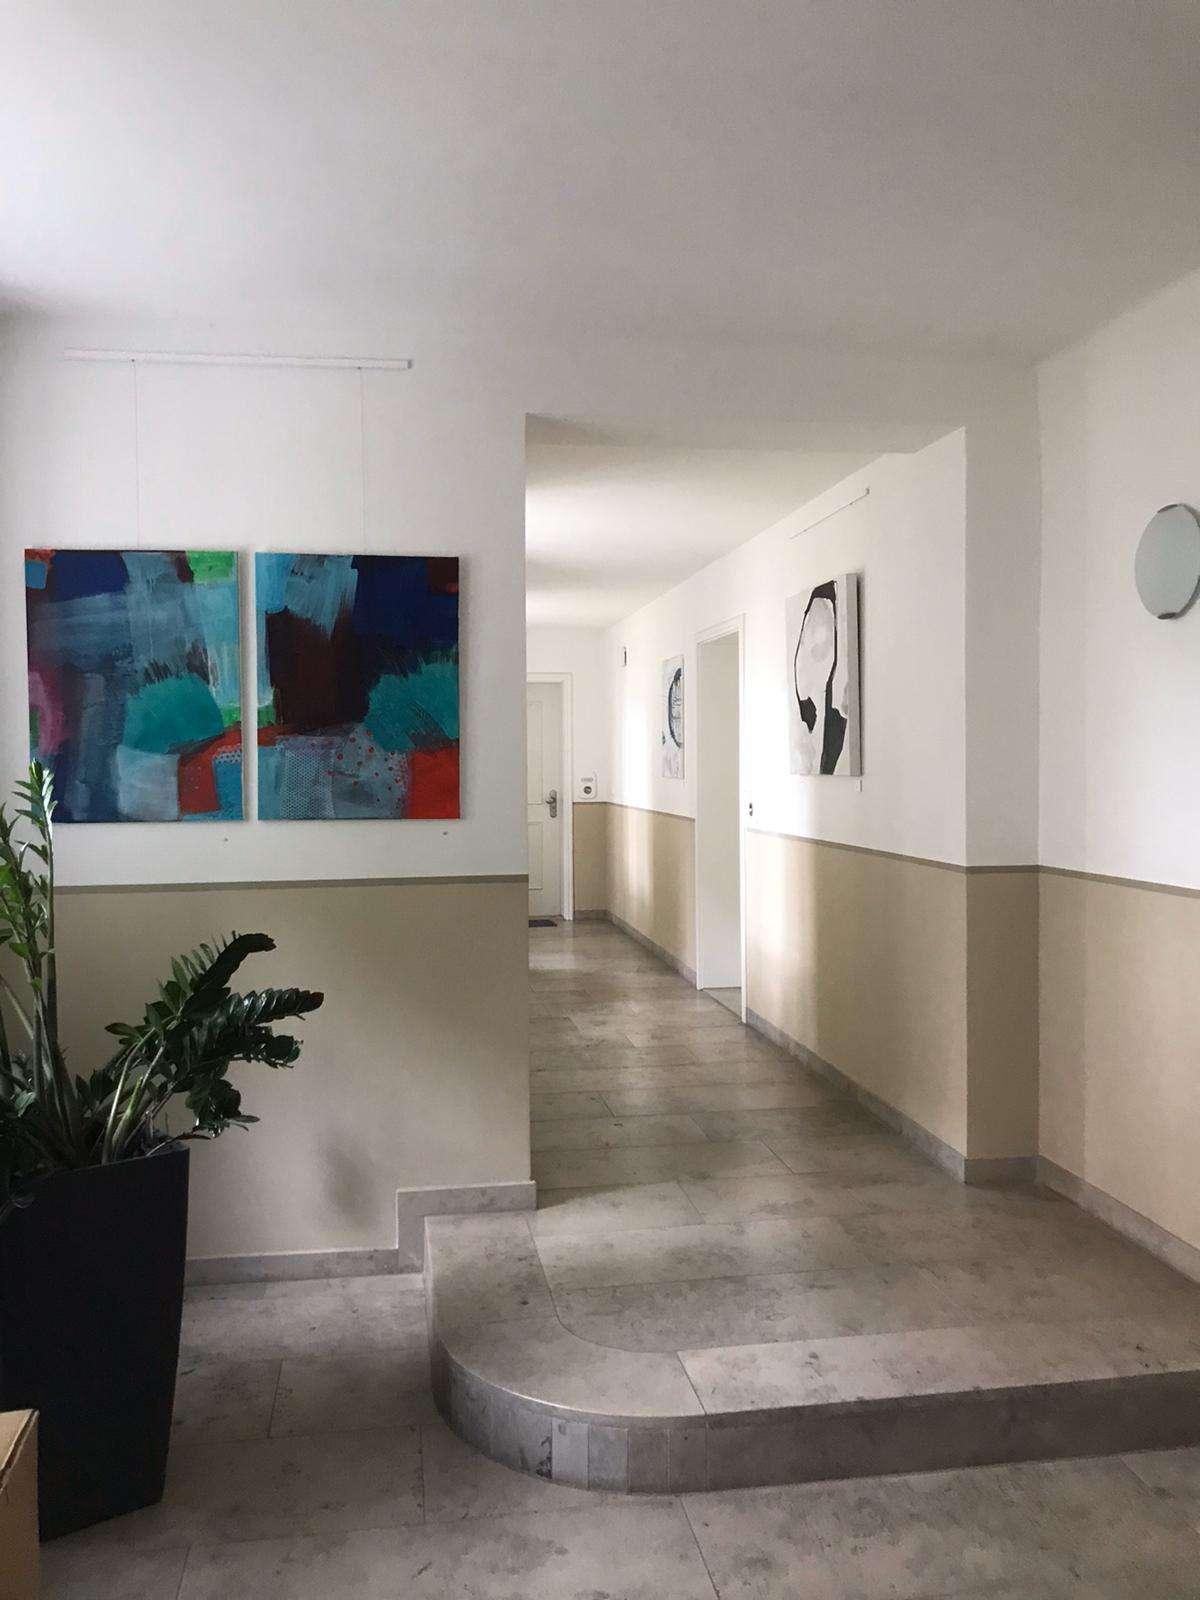 Exklusive, geräumige 2-Zimmer-Wohnung in Augsburg in Augsburg-Innenstadt